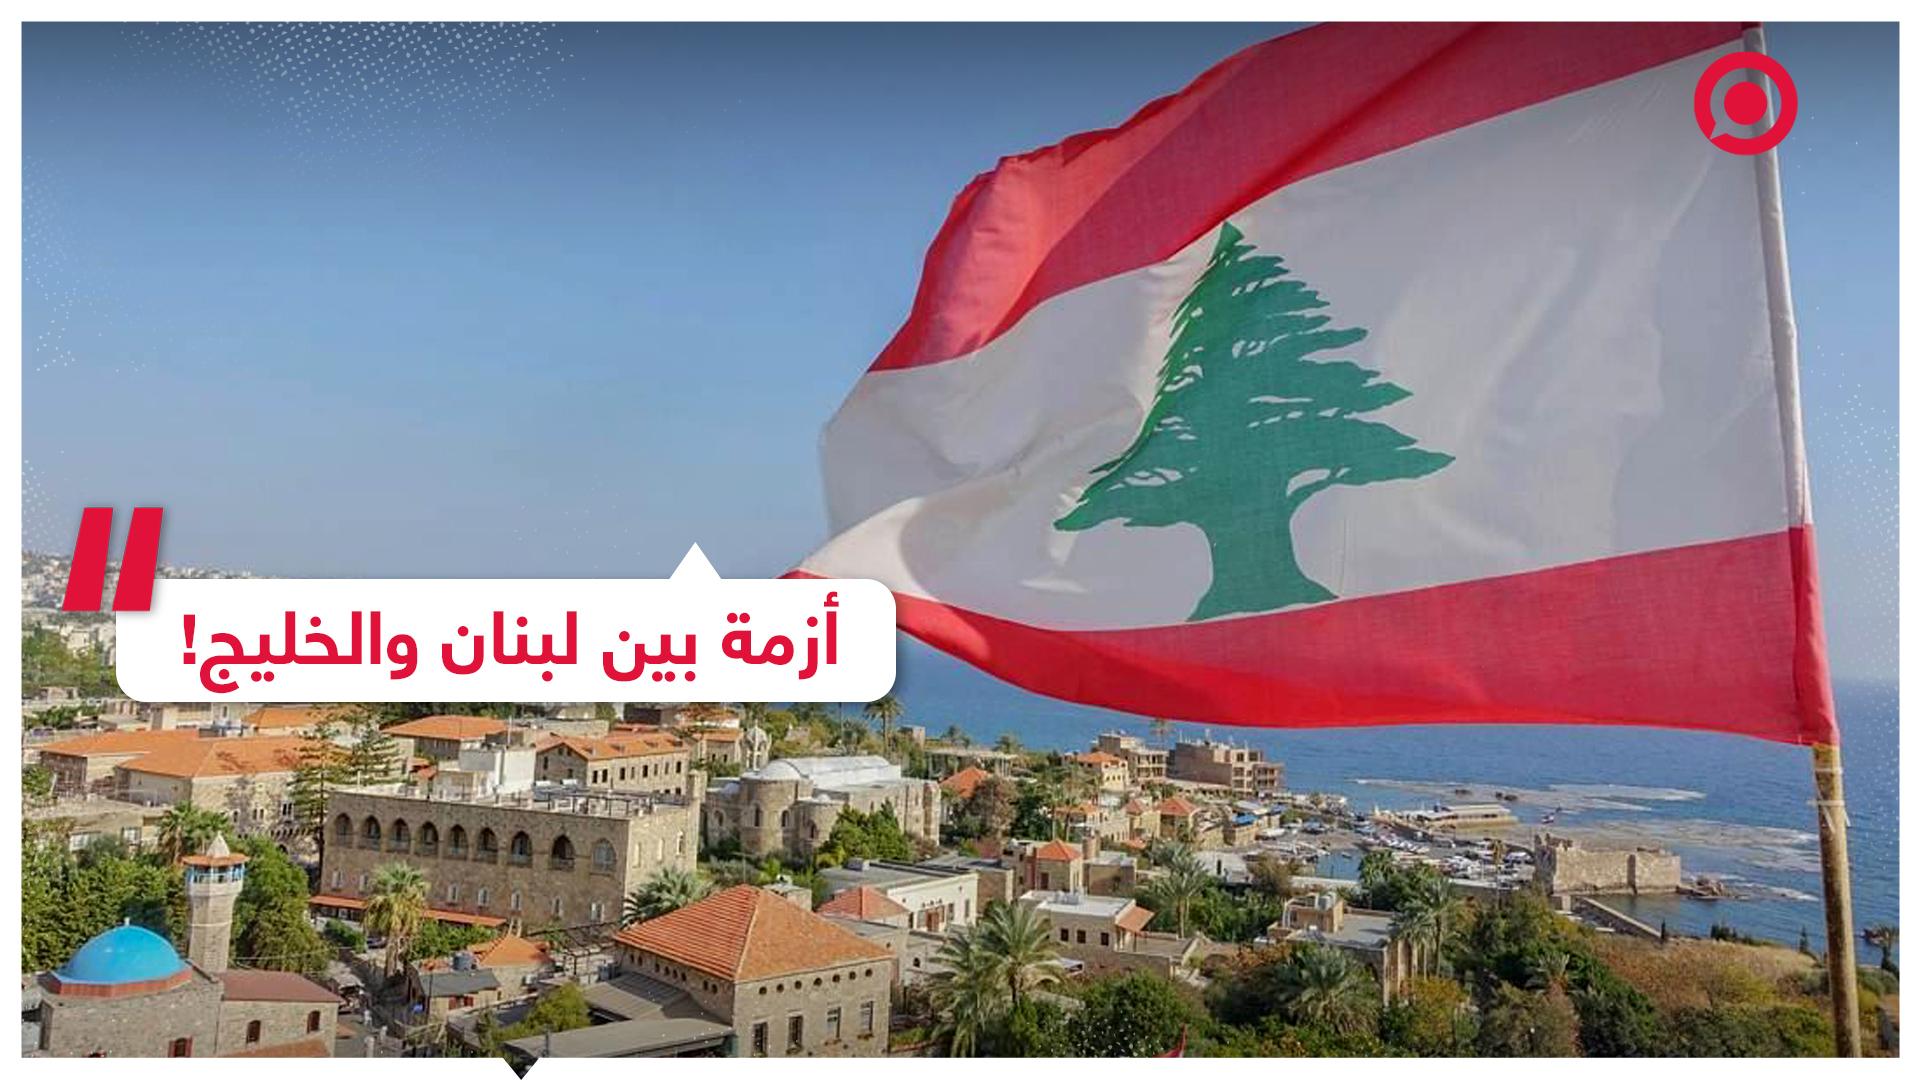 مسؤول لبناني يشعل مواقع التواصل بعد توجيهه إساءة كبيرة لدول الخليج!